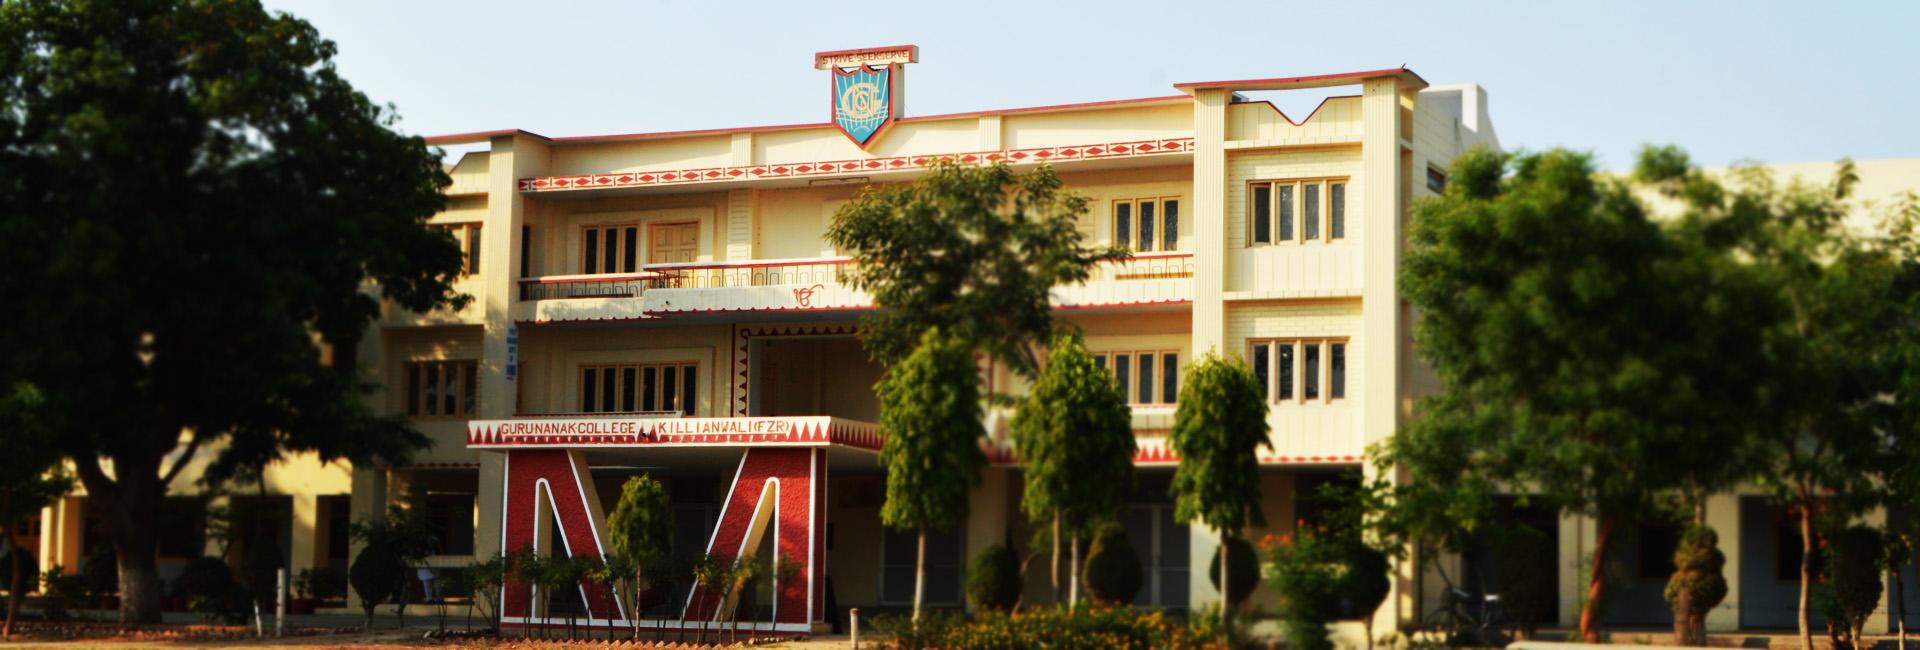 Guru Nanak College, Sri Muktsar Sahib